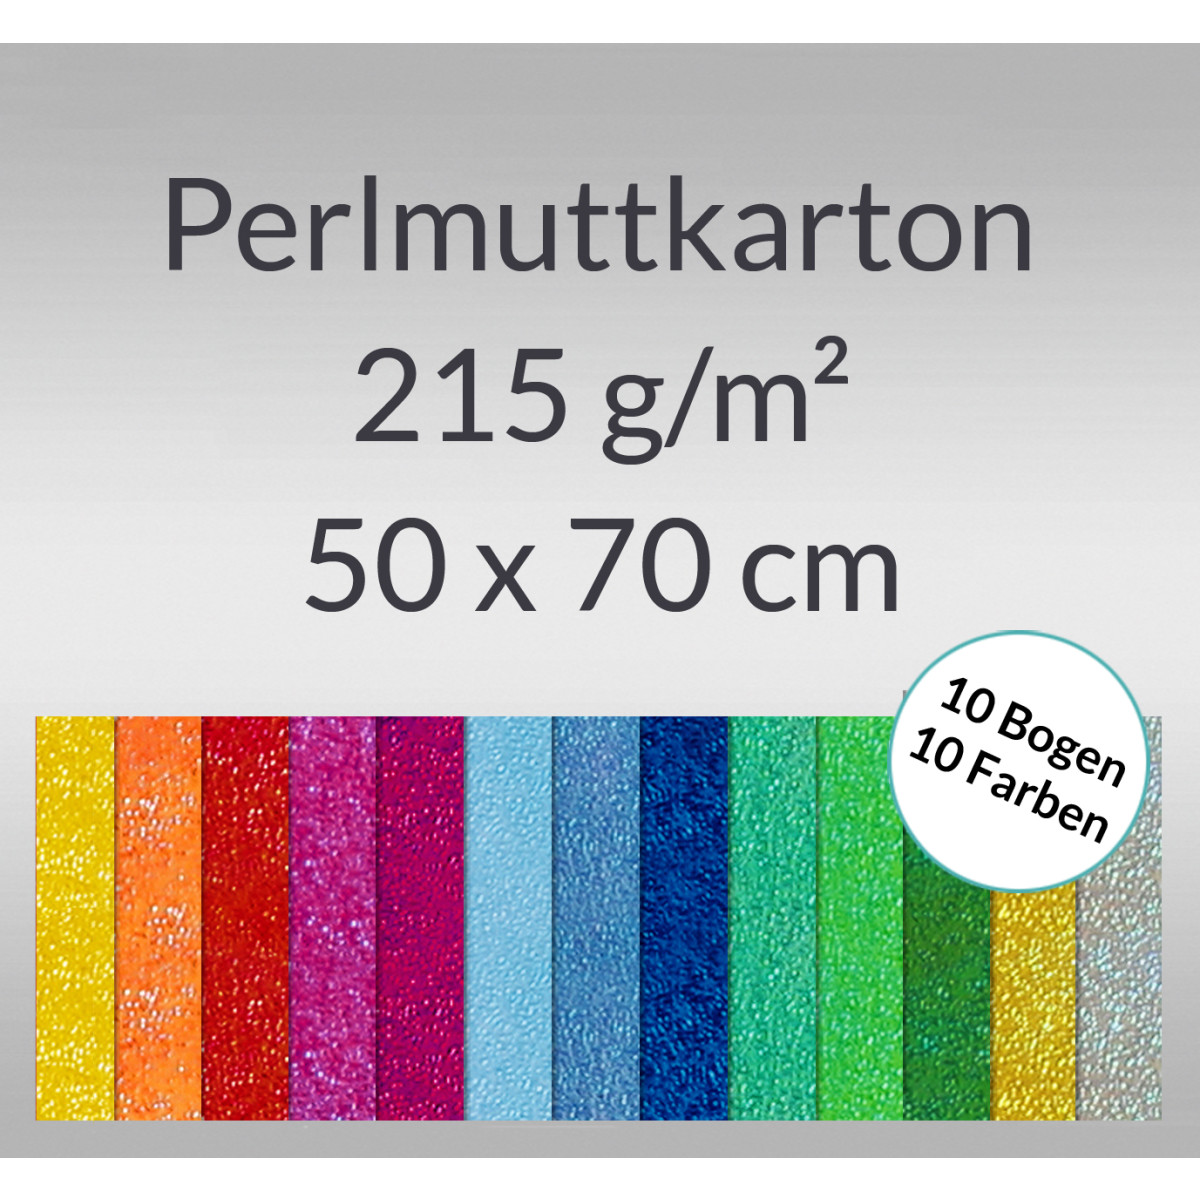 Pearlmuttkarton 50 x 70 cm - 10 Bogen sortiert